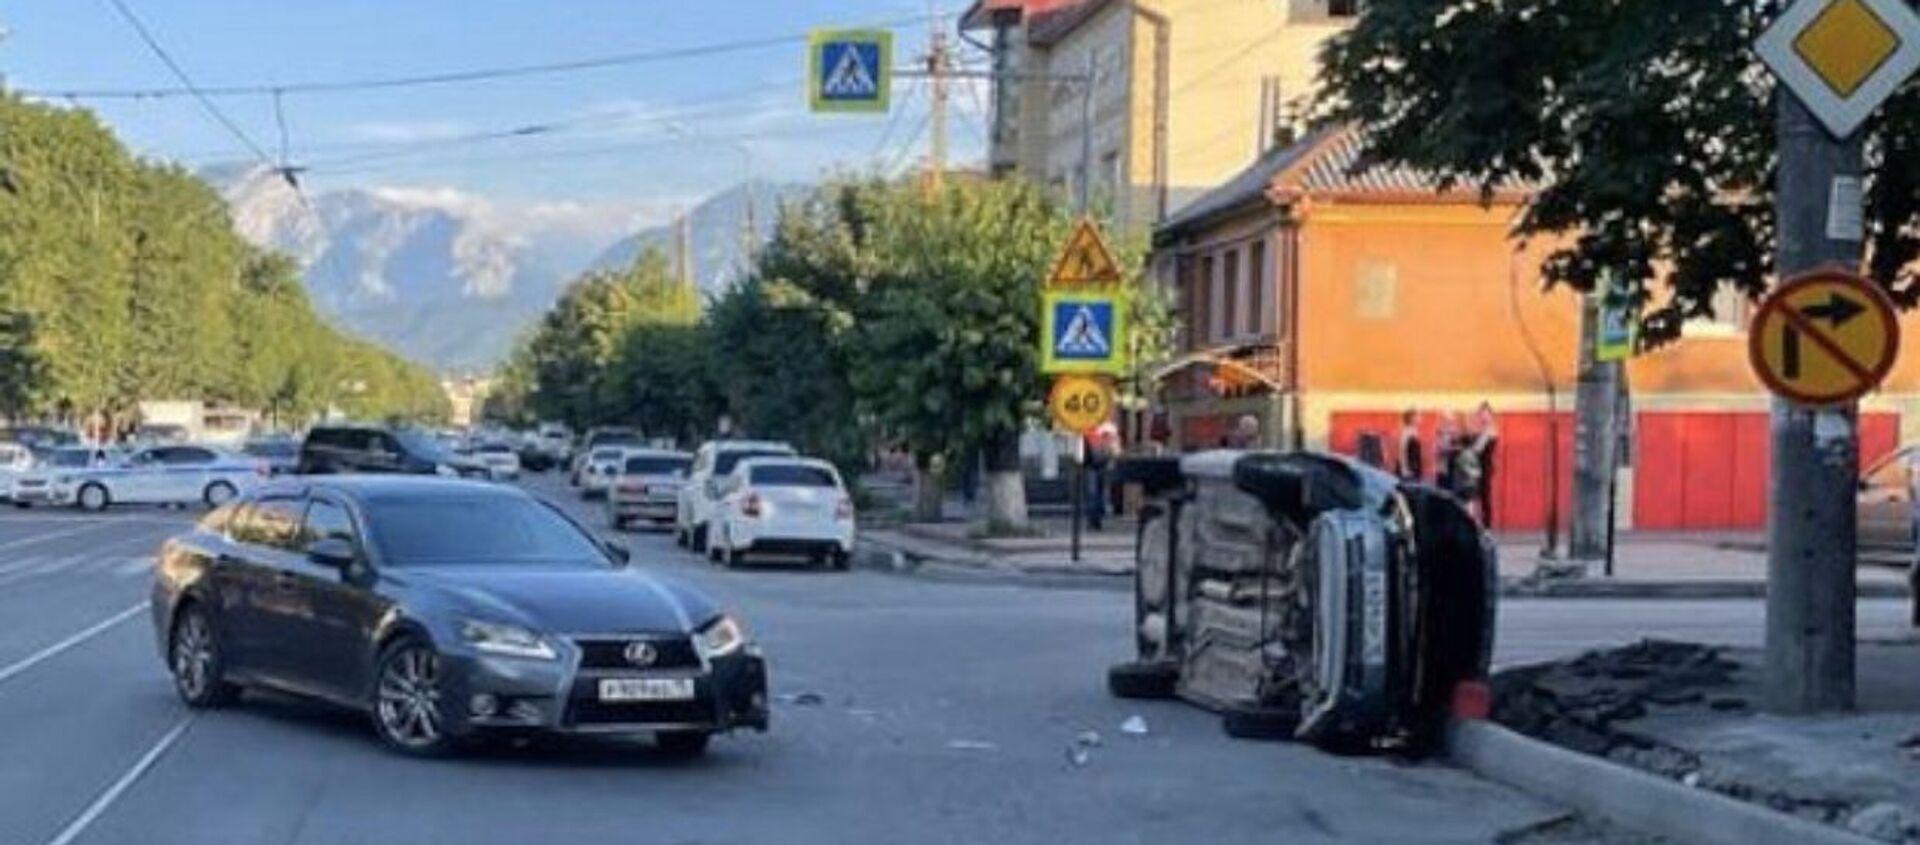 Два человека пострадали в ДТП во Владикавказе   - Sputnik Южная Осетия, 1920, 16.07.2021